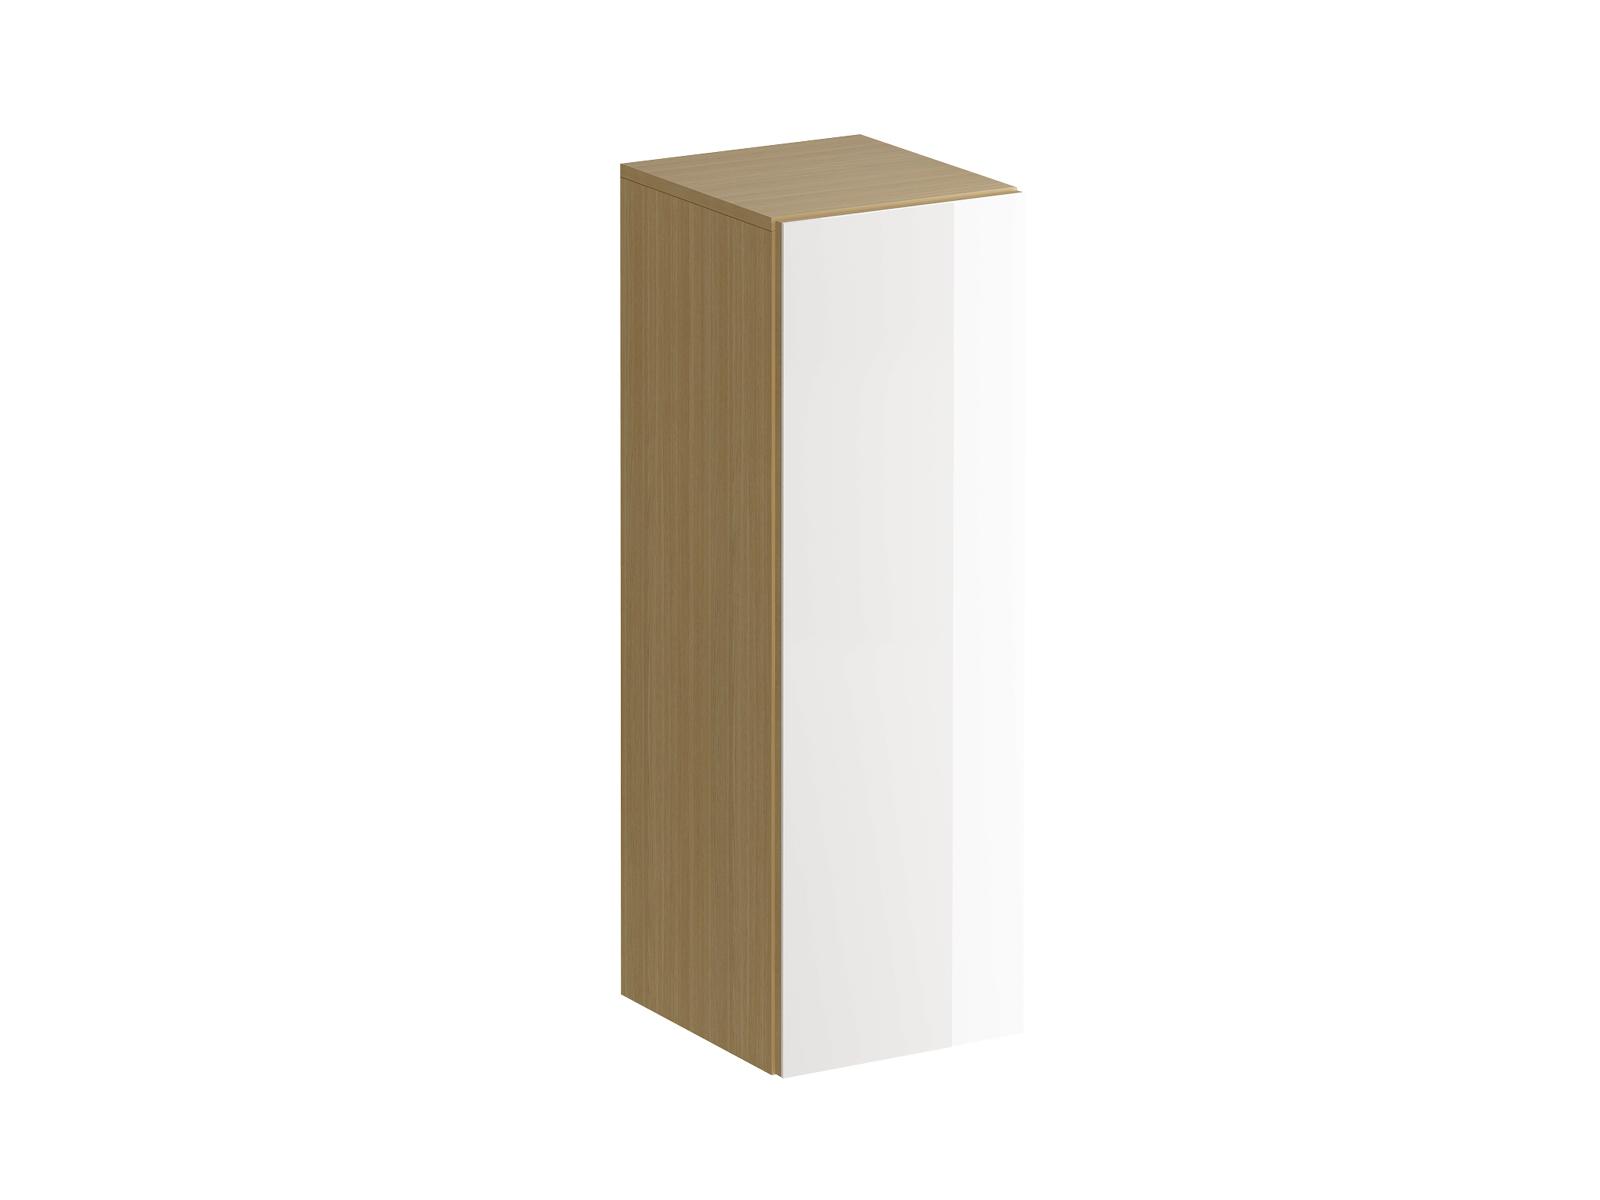 Шкаф навесной GustoШкафы<br>Шкаф имеет три отделения, образованные двумя съемными полками с возможностью переустановки по высоте. Распашная дверь открывается по принципу «нажал-открыл». Задняя стенка белого цвета.<br>